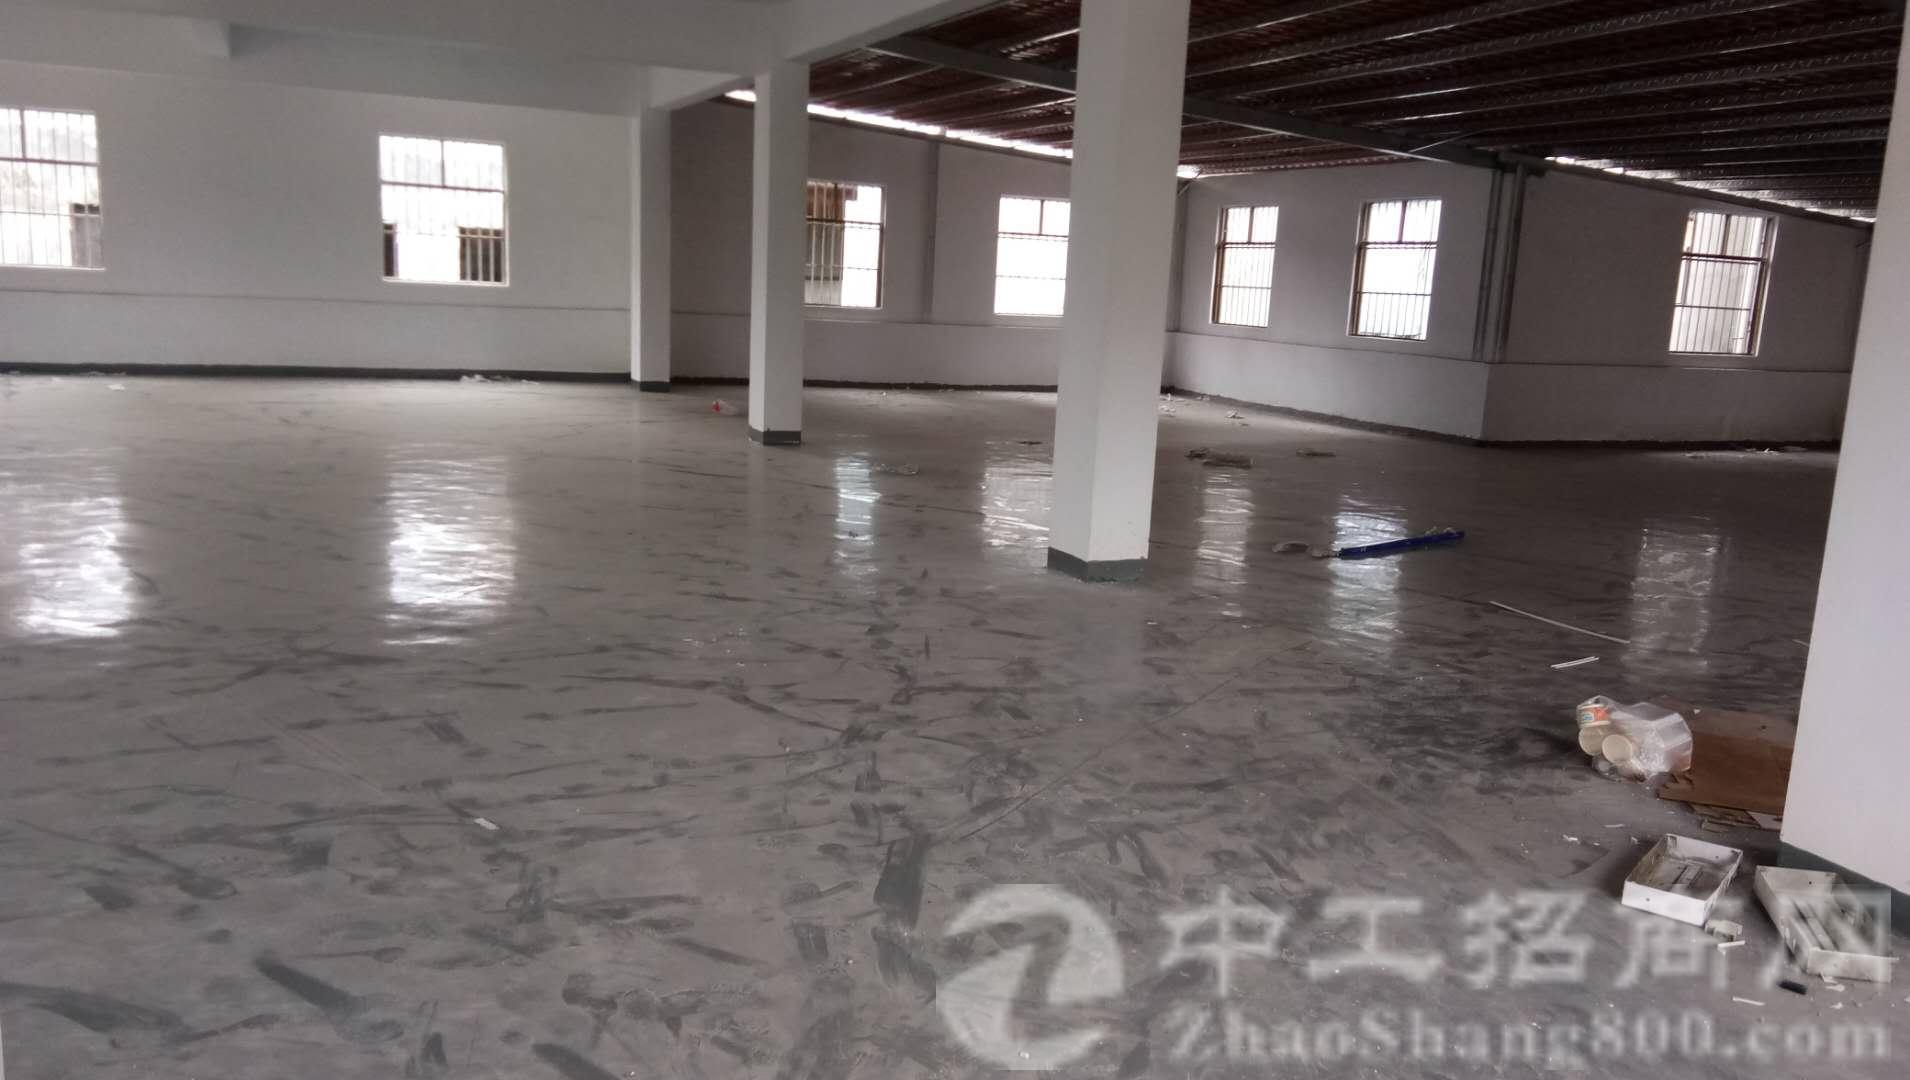 【超低价招租】厚街镇新围村出租独栋厂房5层1700平实际面积